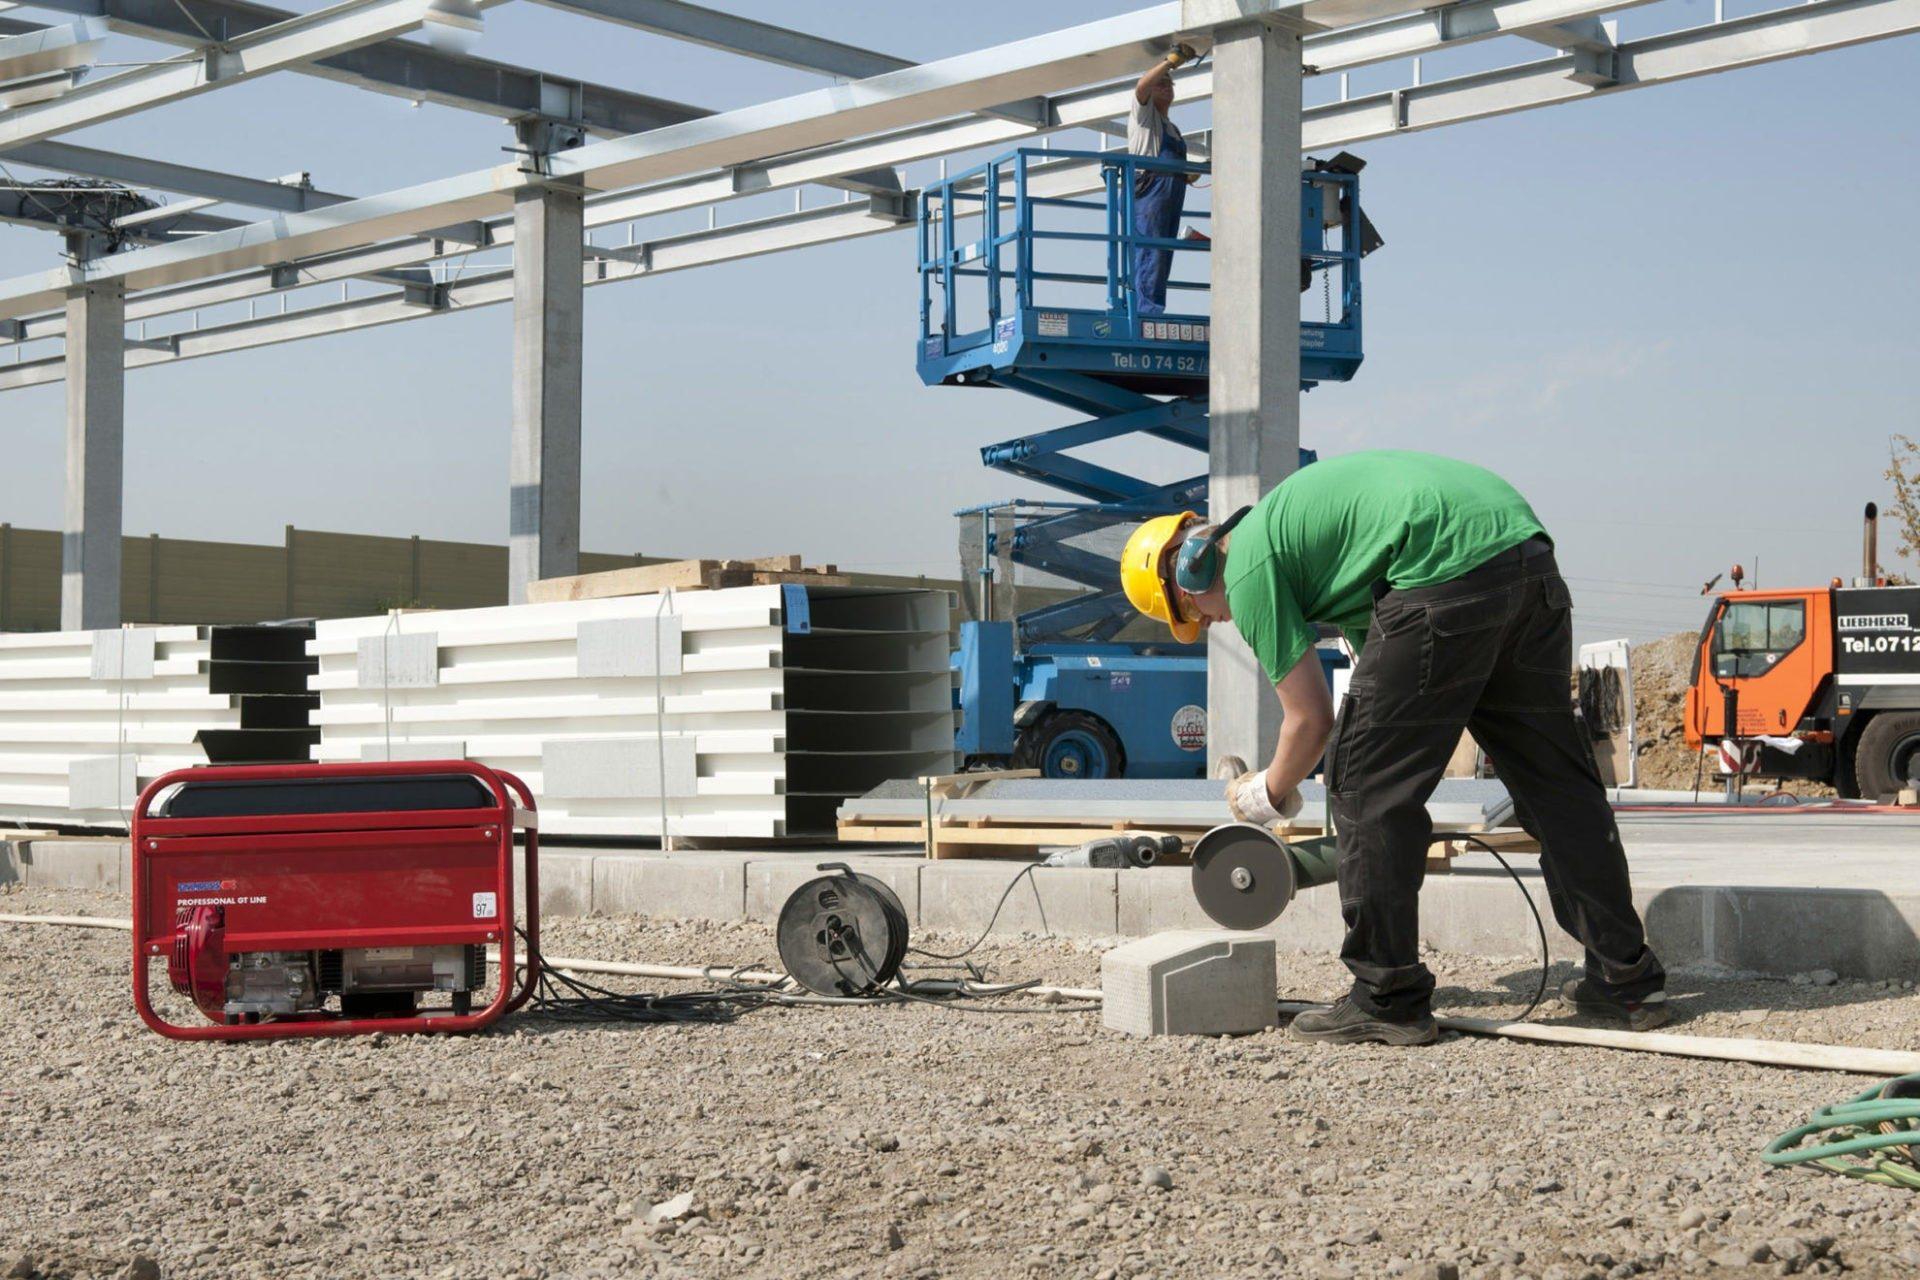 Powerstation beim Baustelleneinsatz